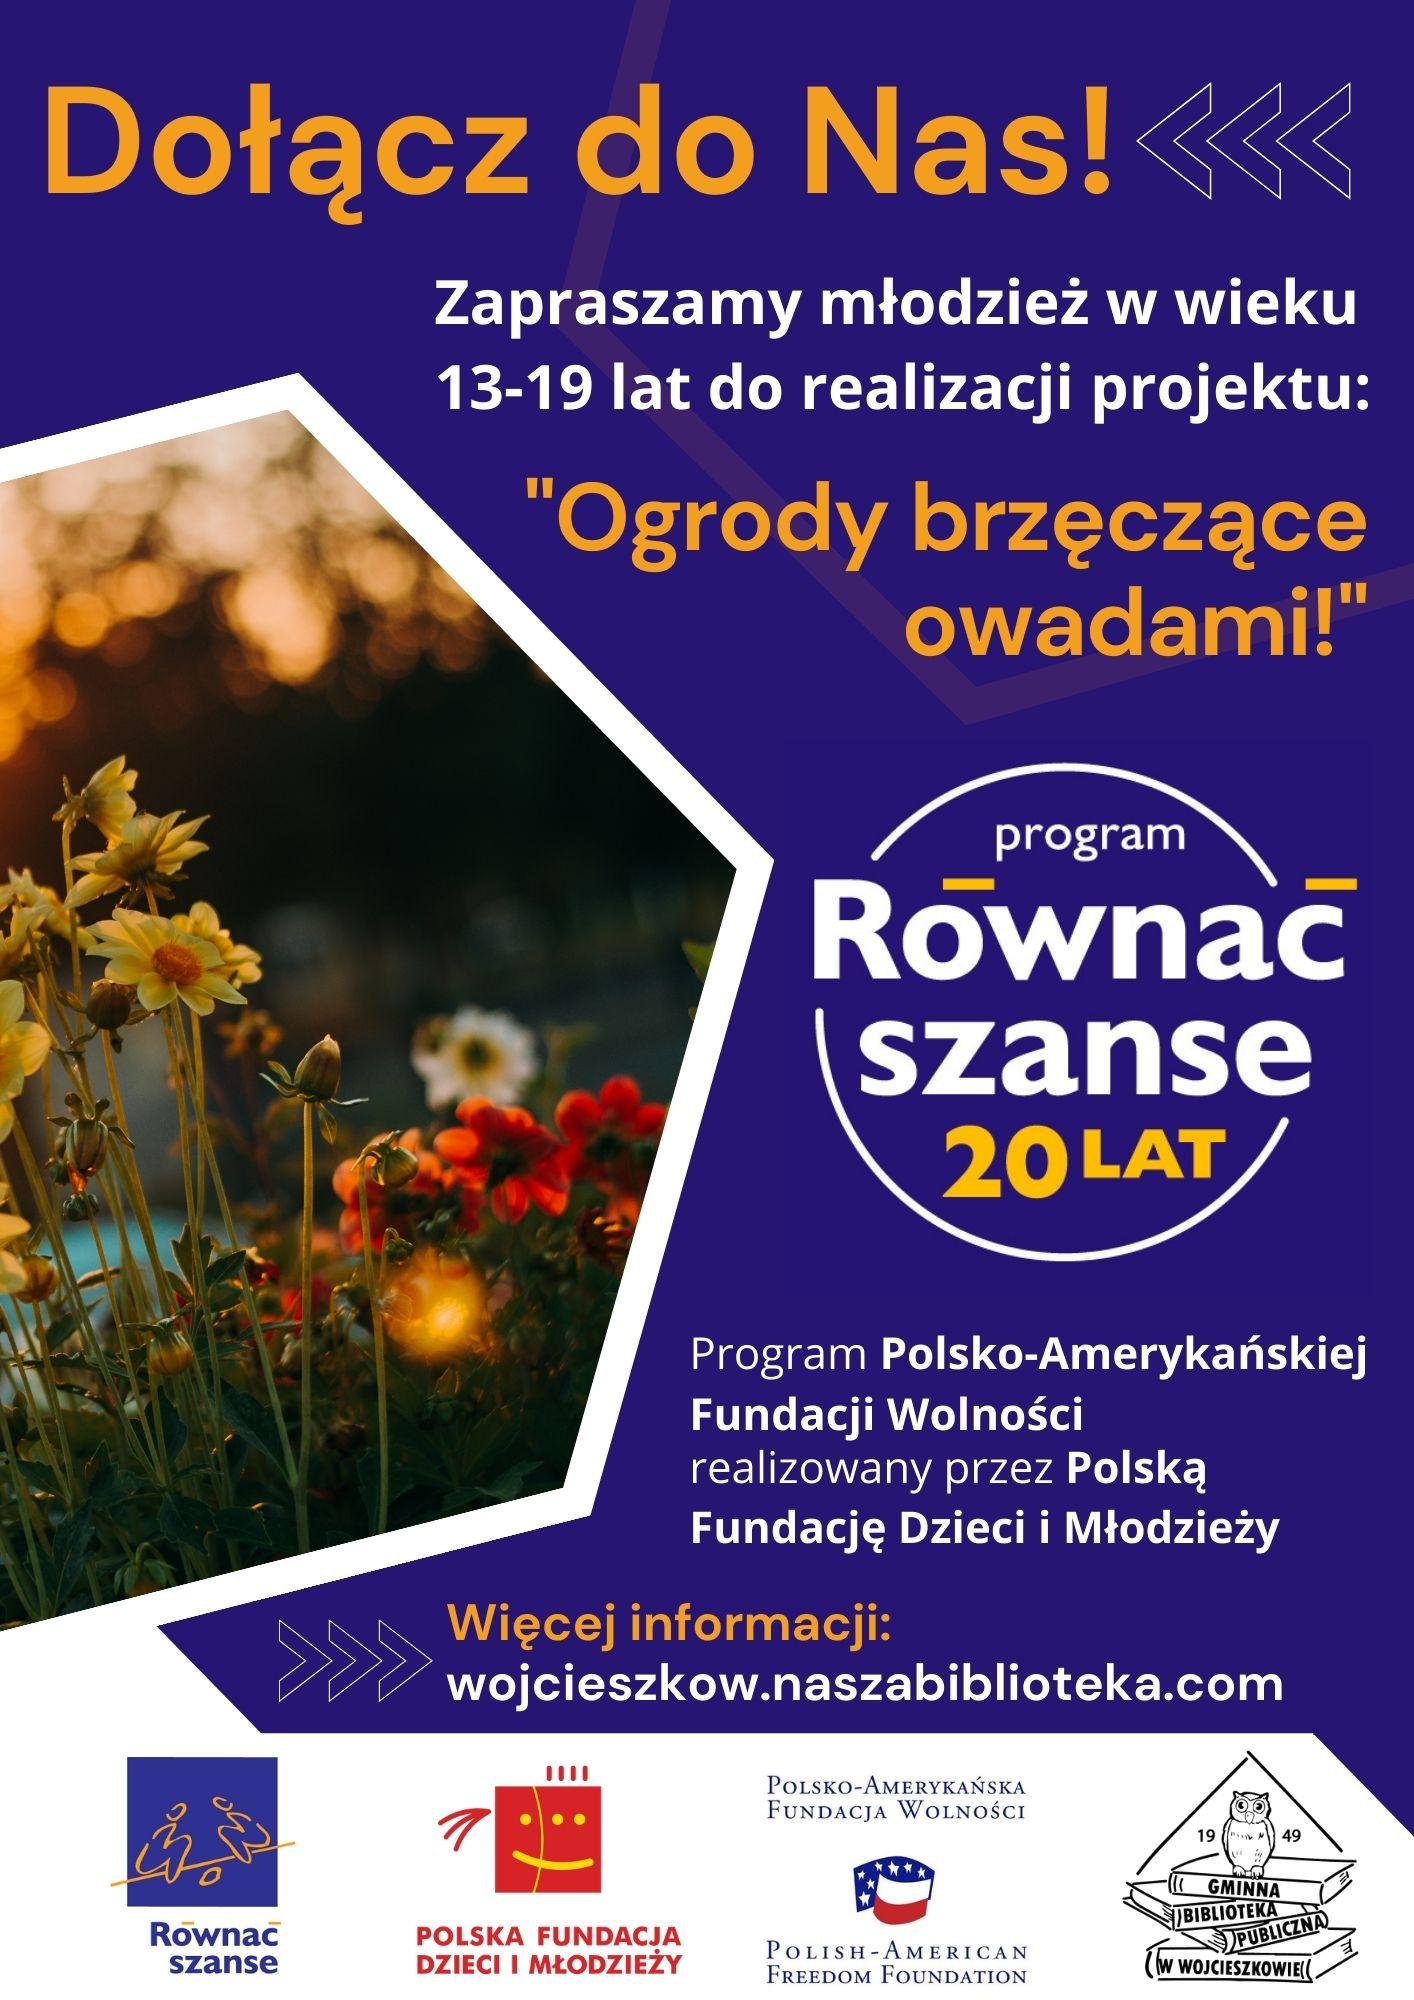 GMINA WOJCIESZKÓW Weź udział w projekcie biblioteki w Wojcieszkowie - Zdjęcie główne